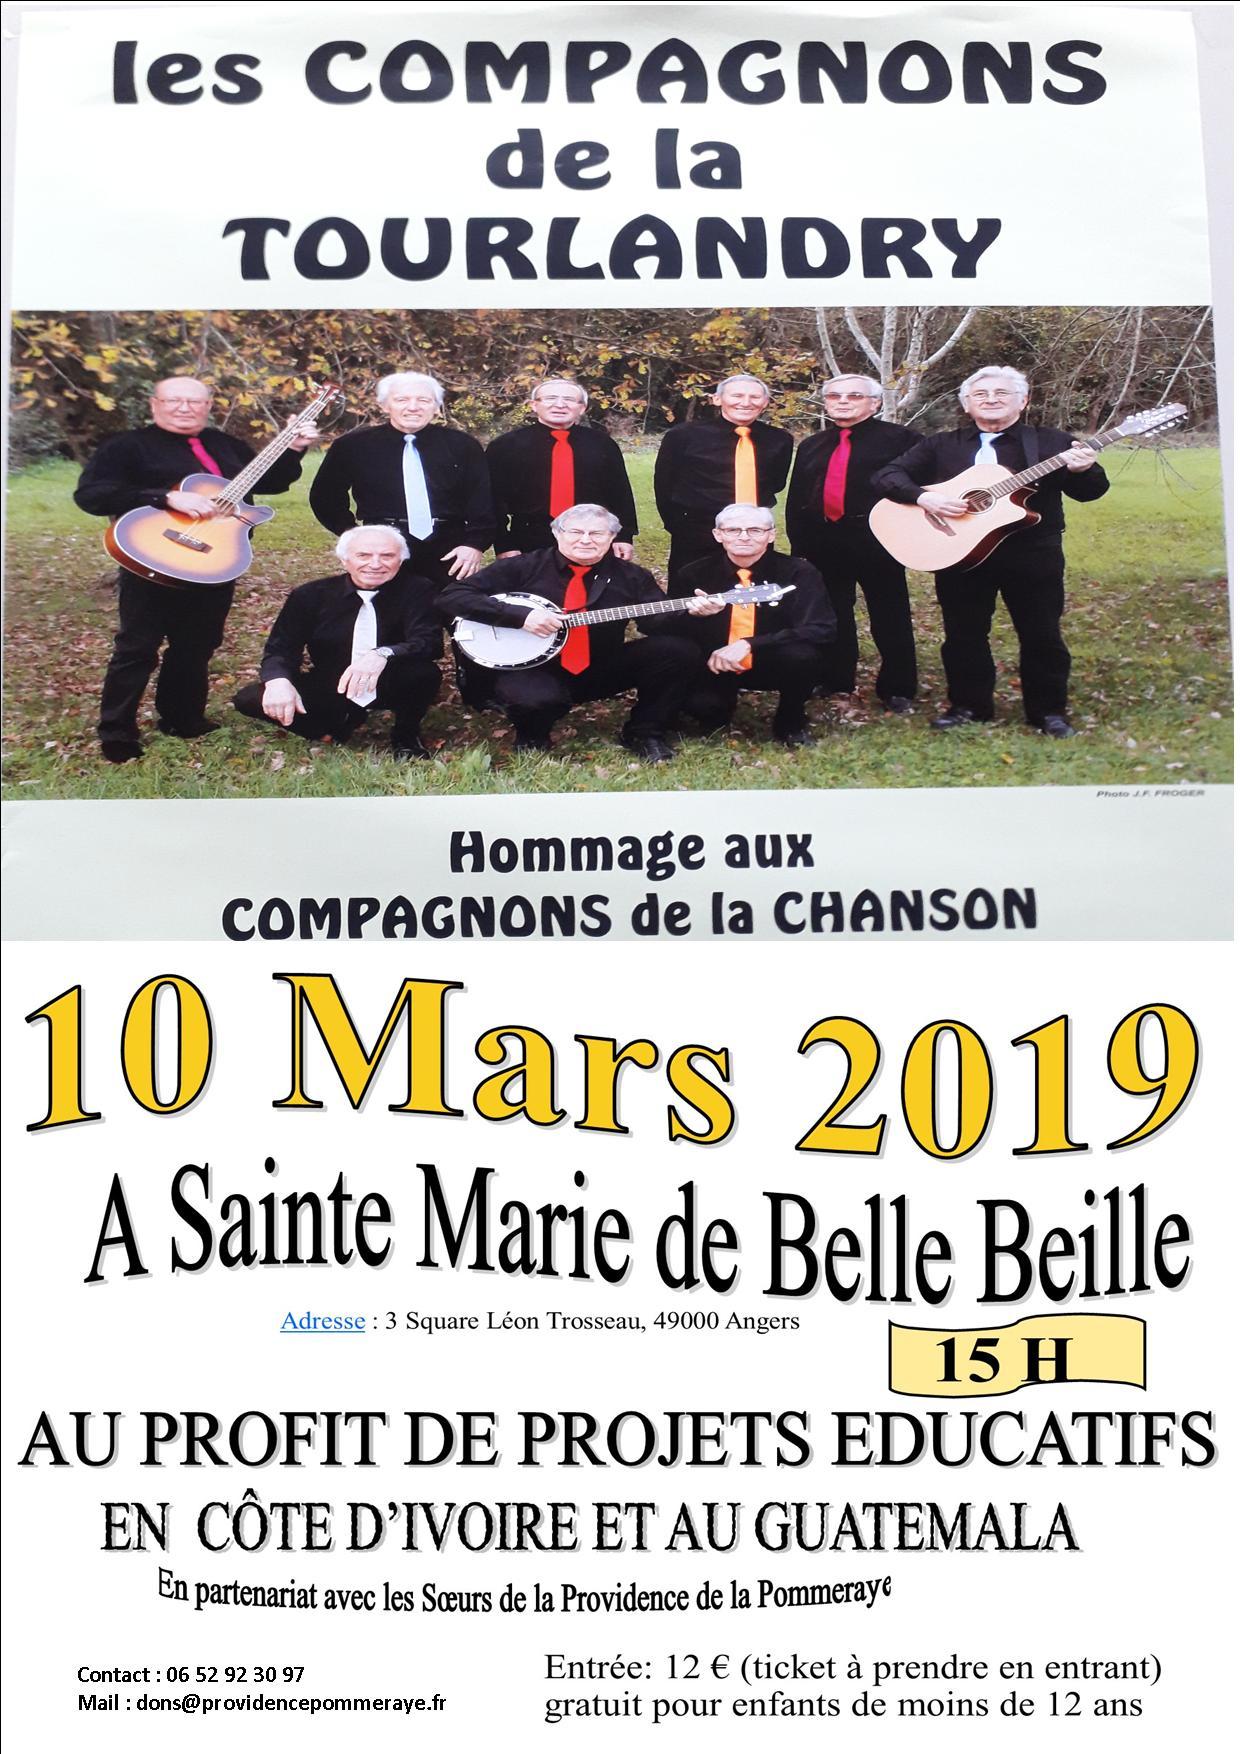 HOMMAGE AUX COMPAGNONS DE LA CHANSON A SAINTE MARIE DE BELLE BEILLE